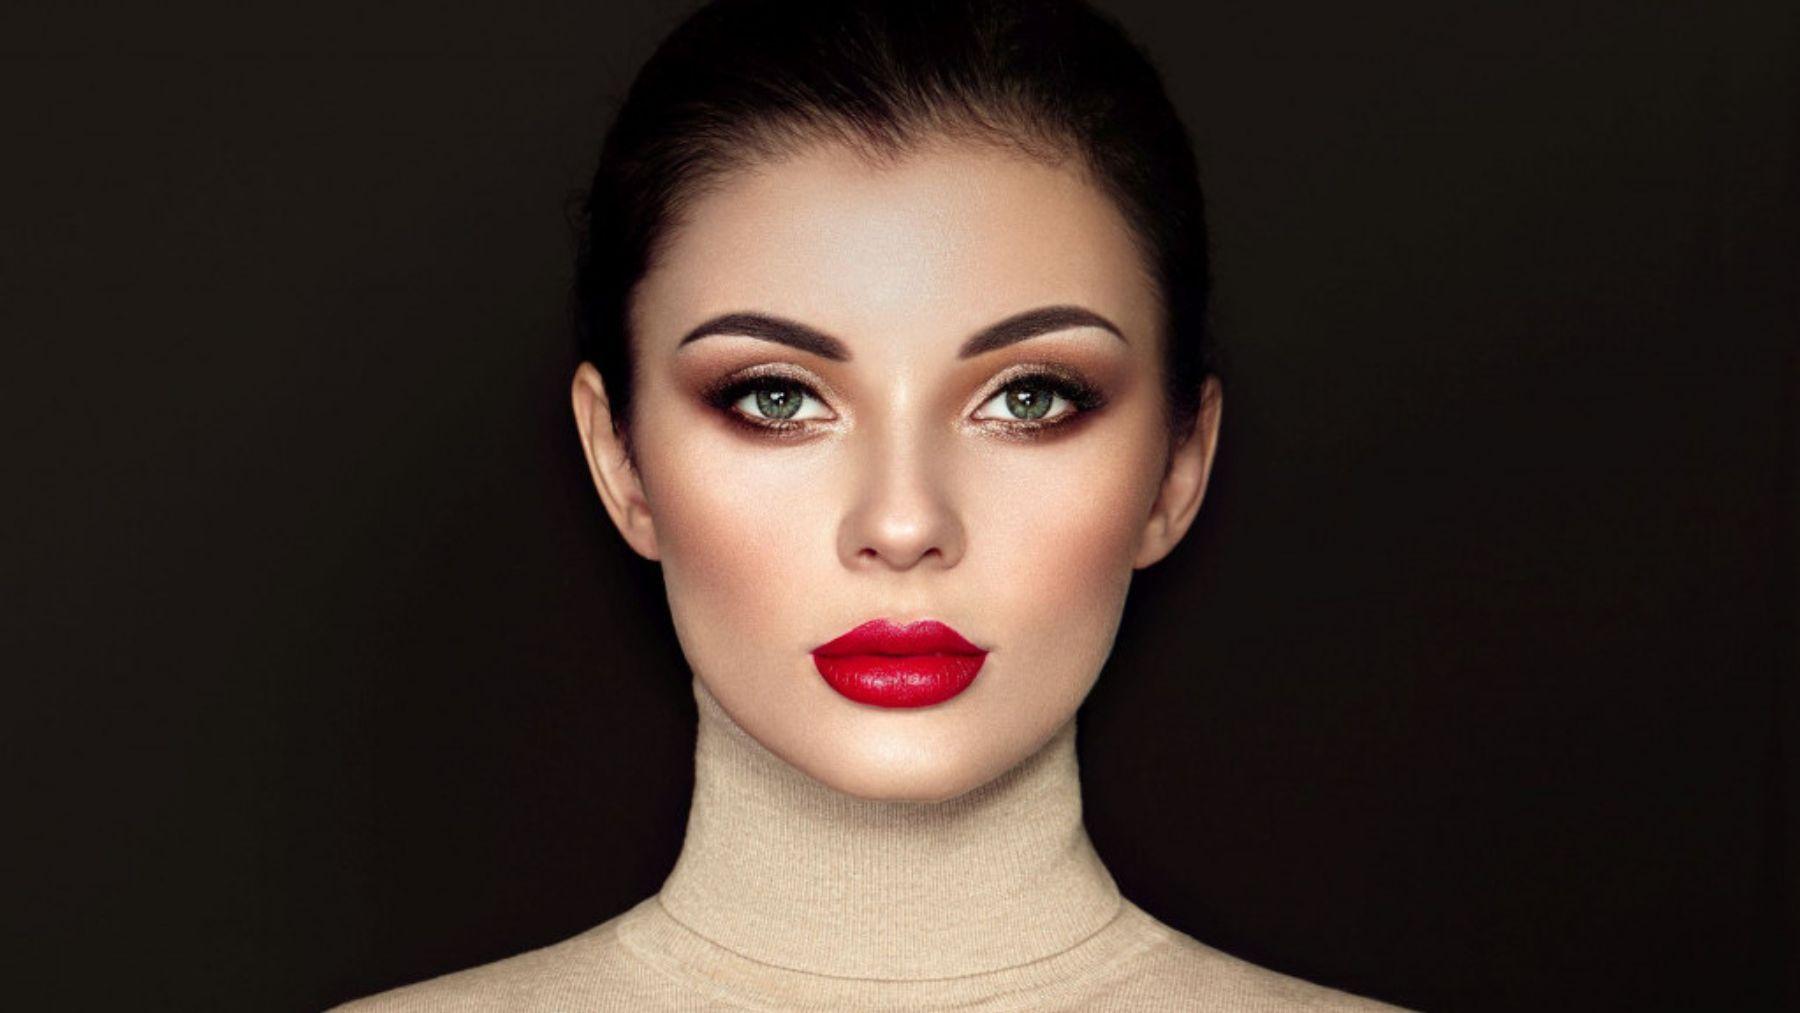 Cuáles son los colores tendencia en el maquillaje de labios para otoño 2021